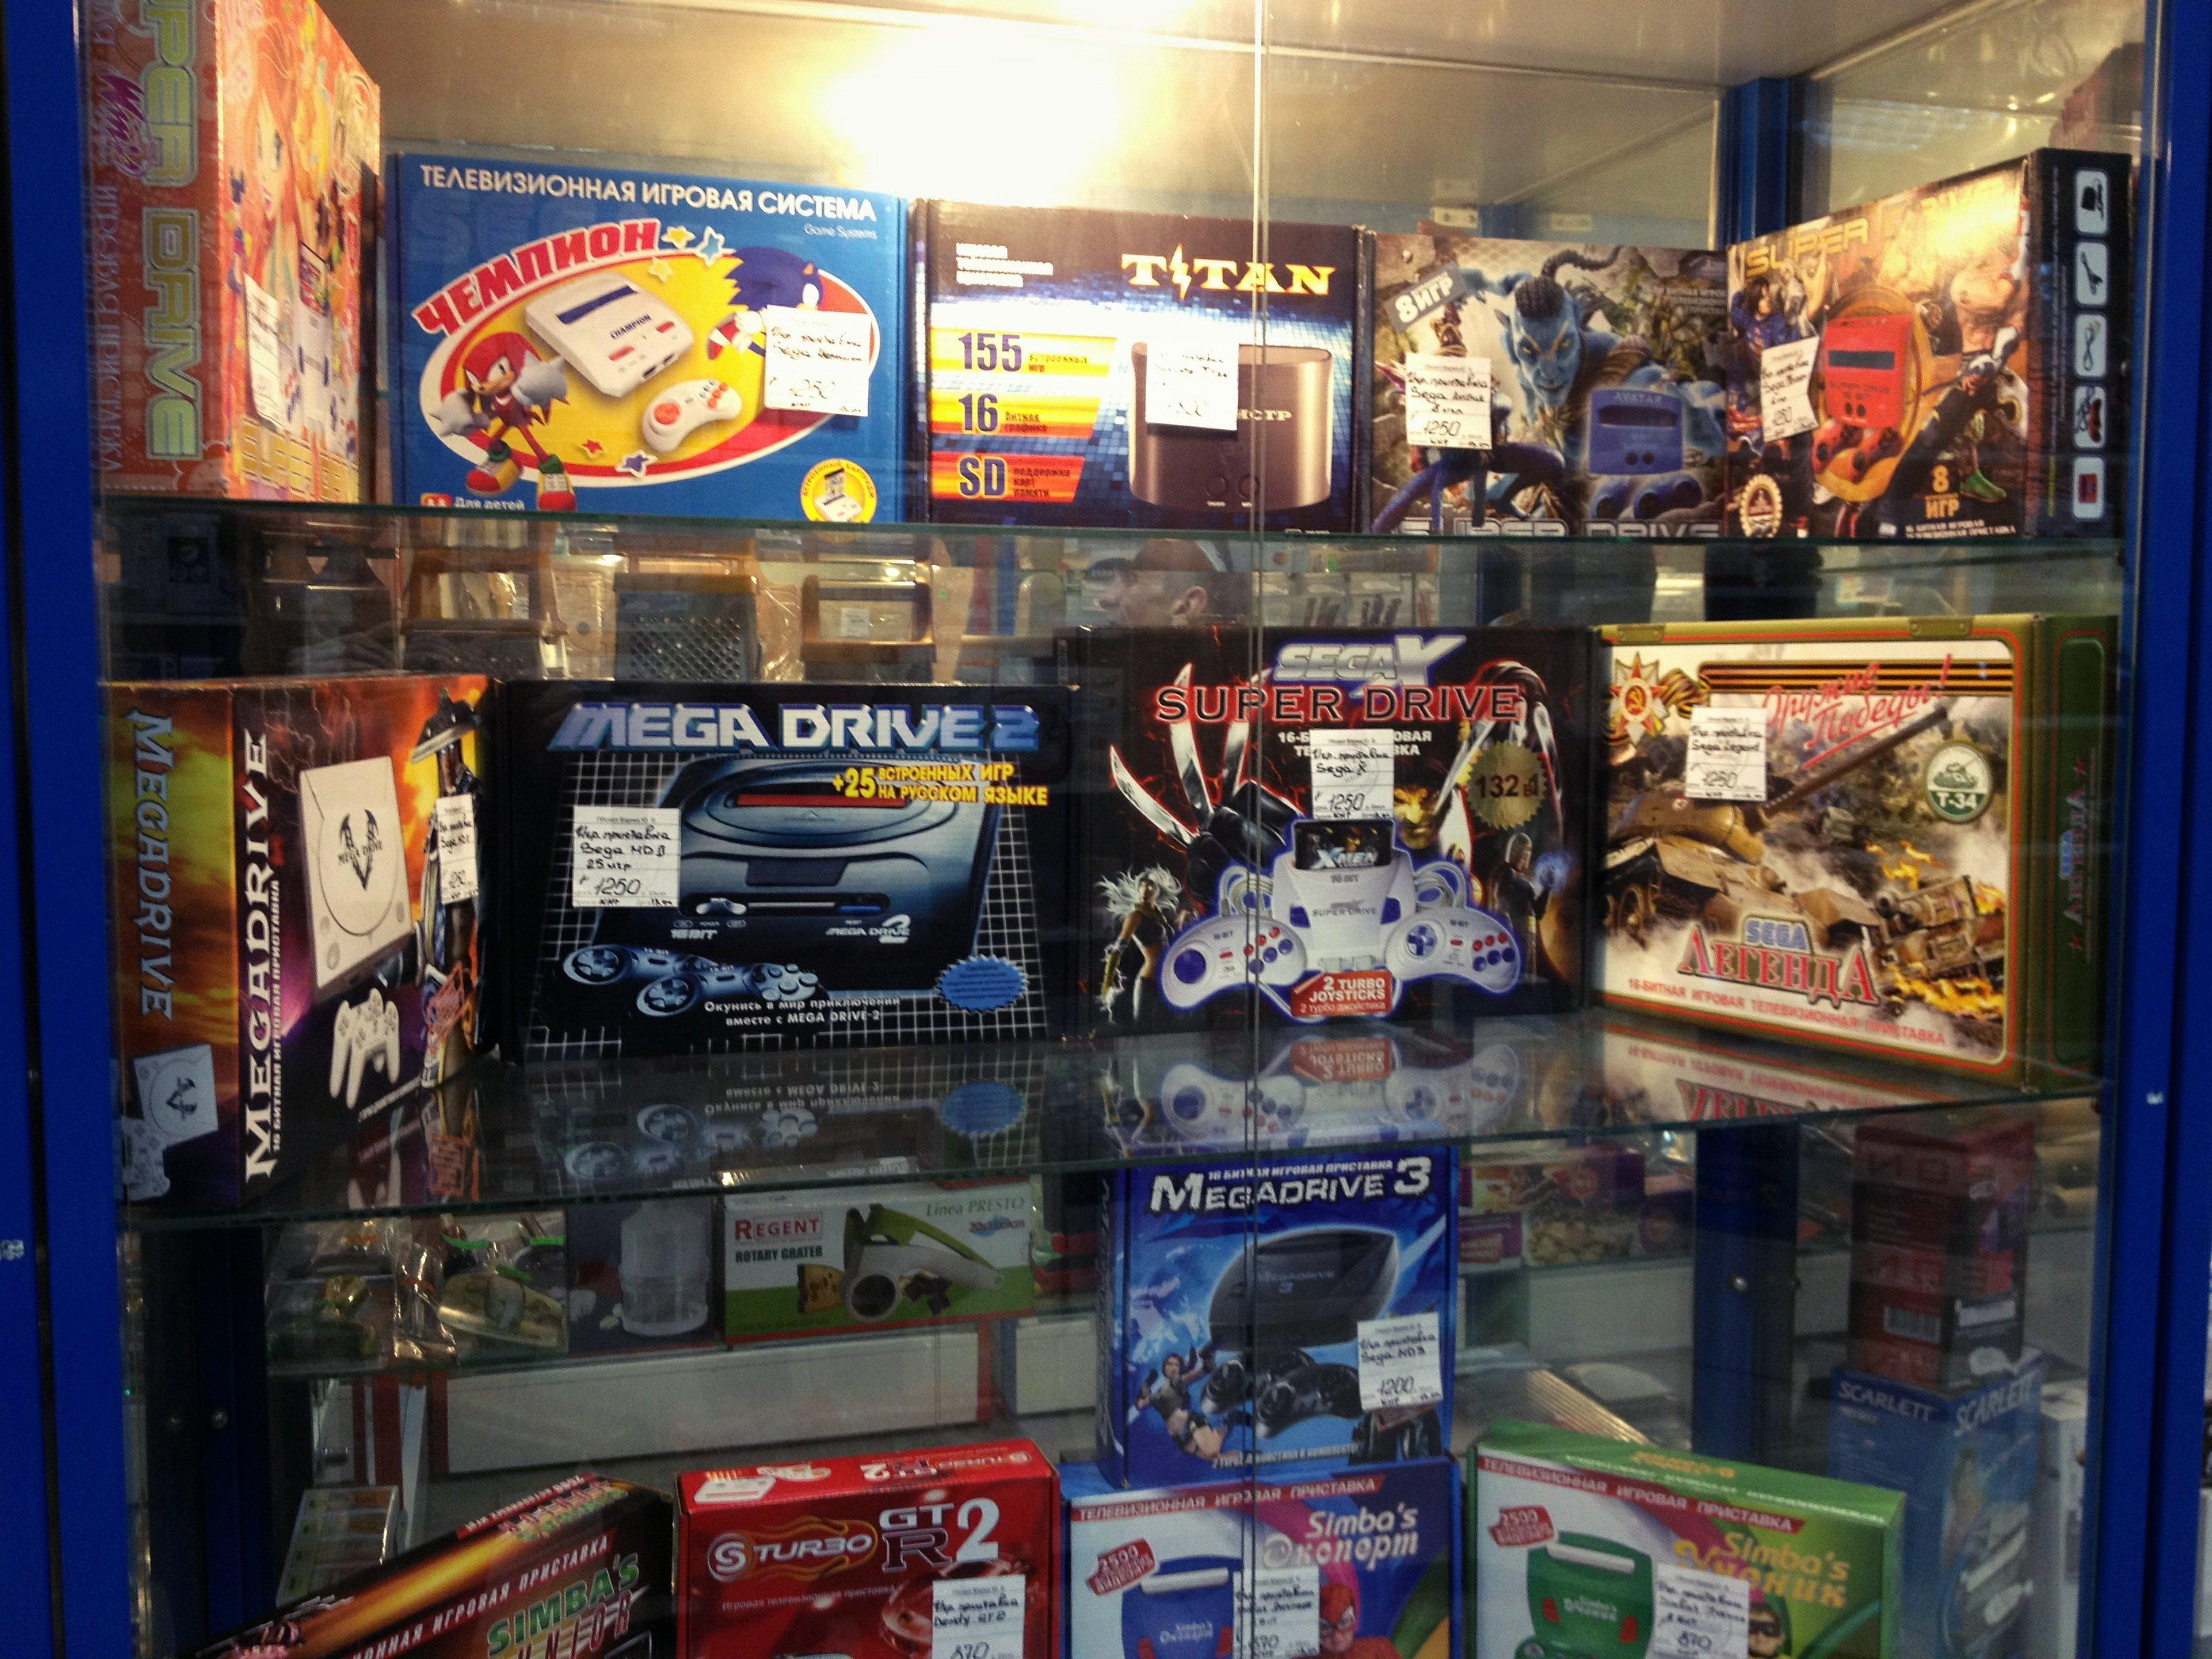 """Уголок ностальгии в ближайшем магазине """"Все для дома""""!А так же Angry Birds для Sega Genesis в продаже!#nostalgic - Изображение 3"""